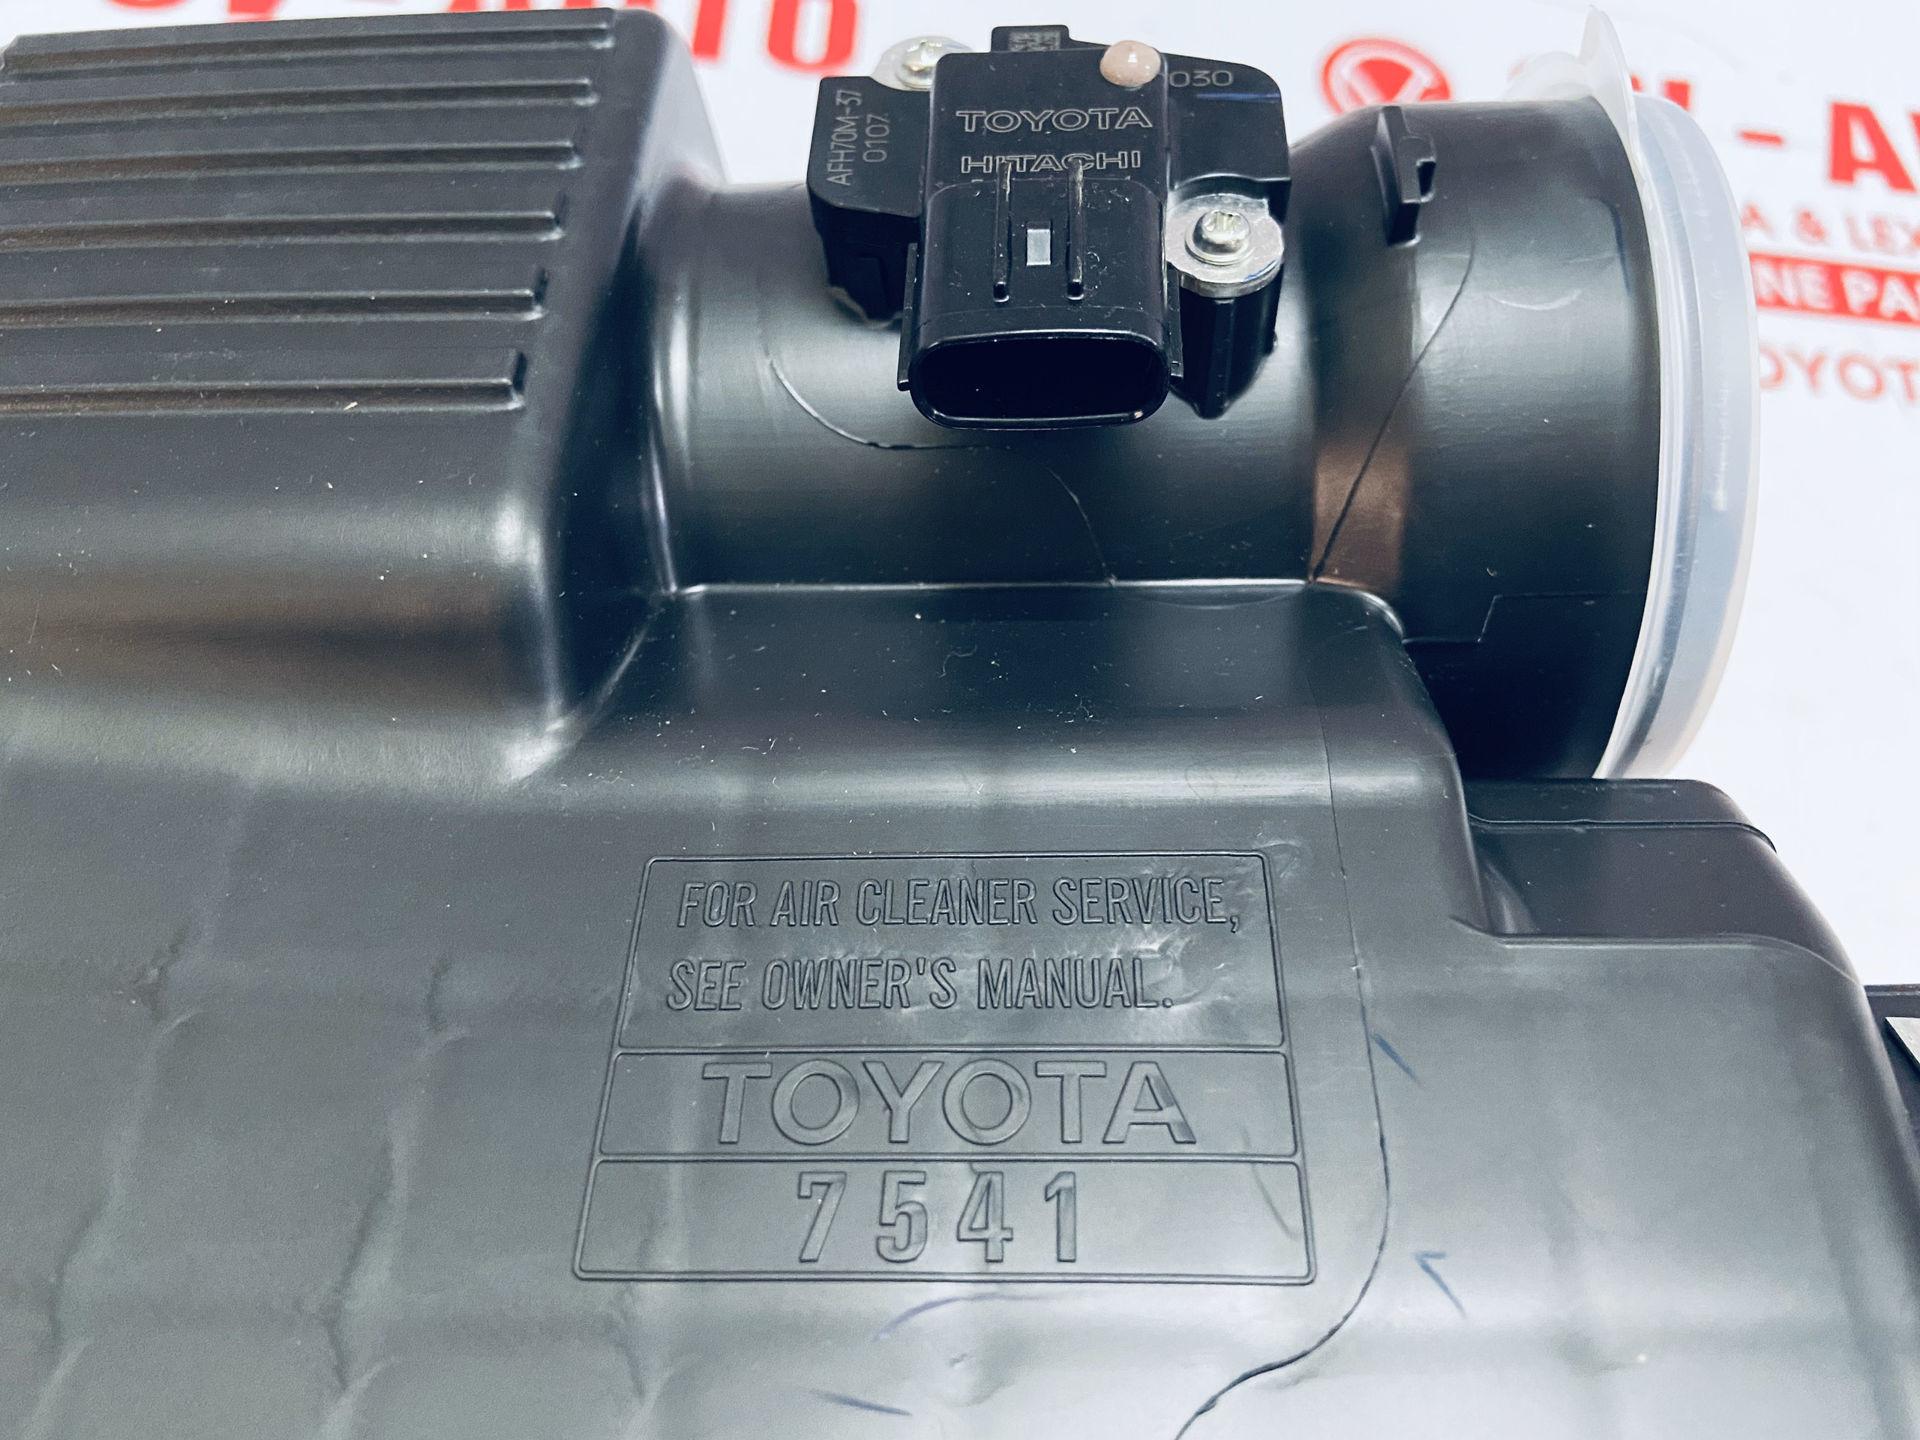 Picture of 17700-75413 Hộp lọc gió Toyota Land Cruiser Prado 10 hàng chính hãng